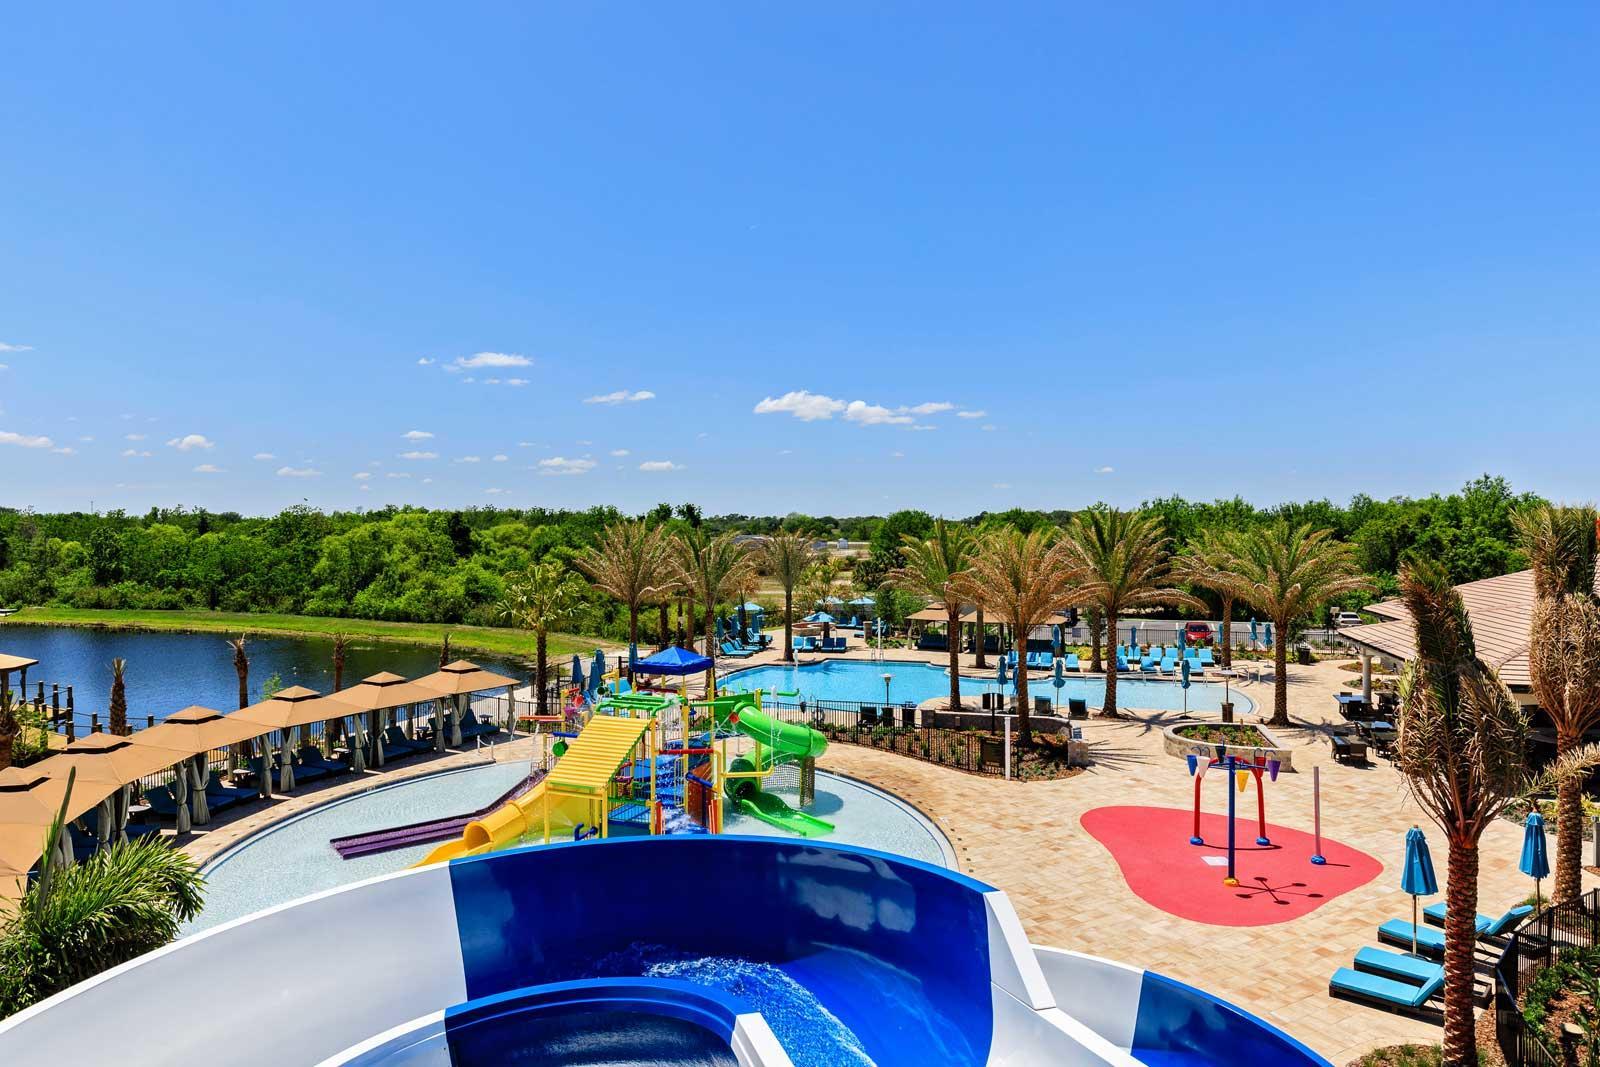 Balmoral Resort Florida image 1